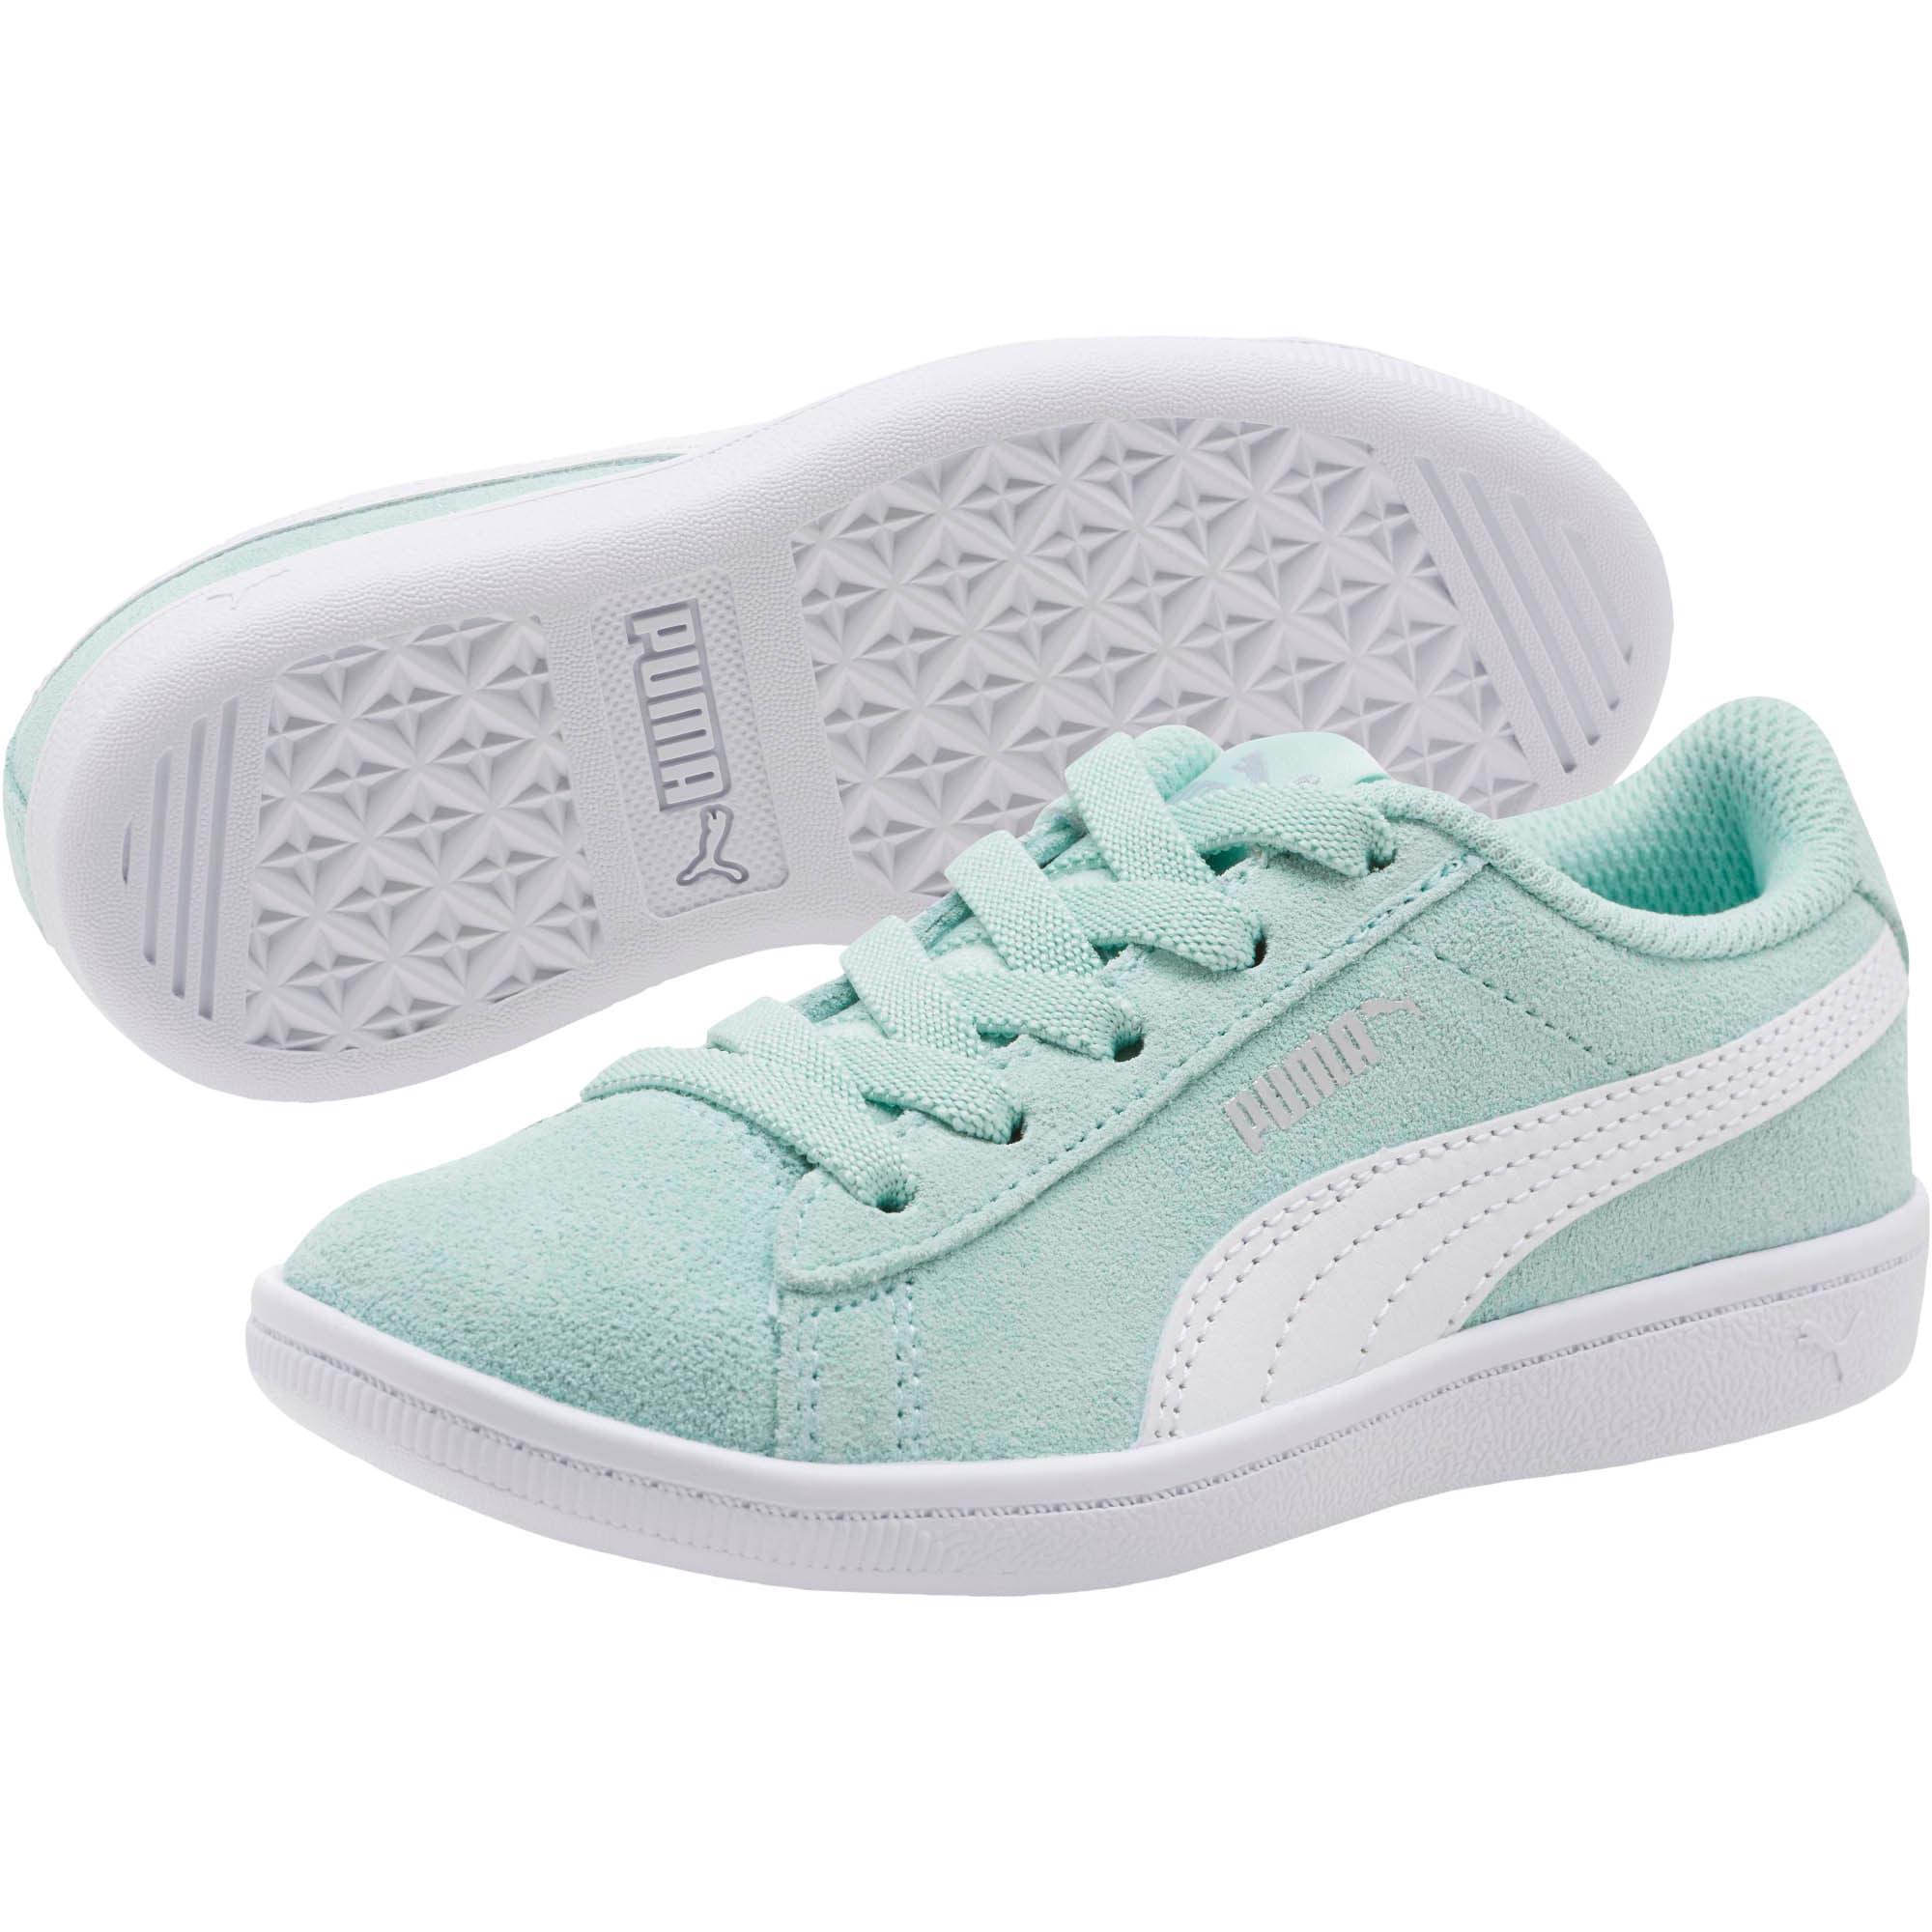 Thumbnail 2 of PUMA Vikky AC Little Kids' Shoes, Fair Aqua-Puma White, medium